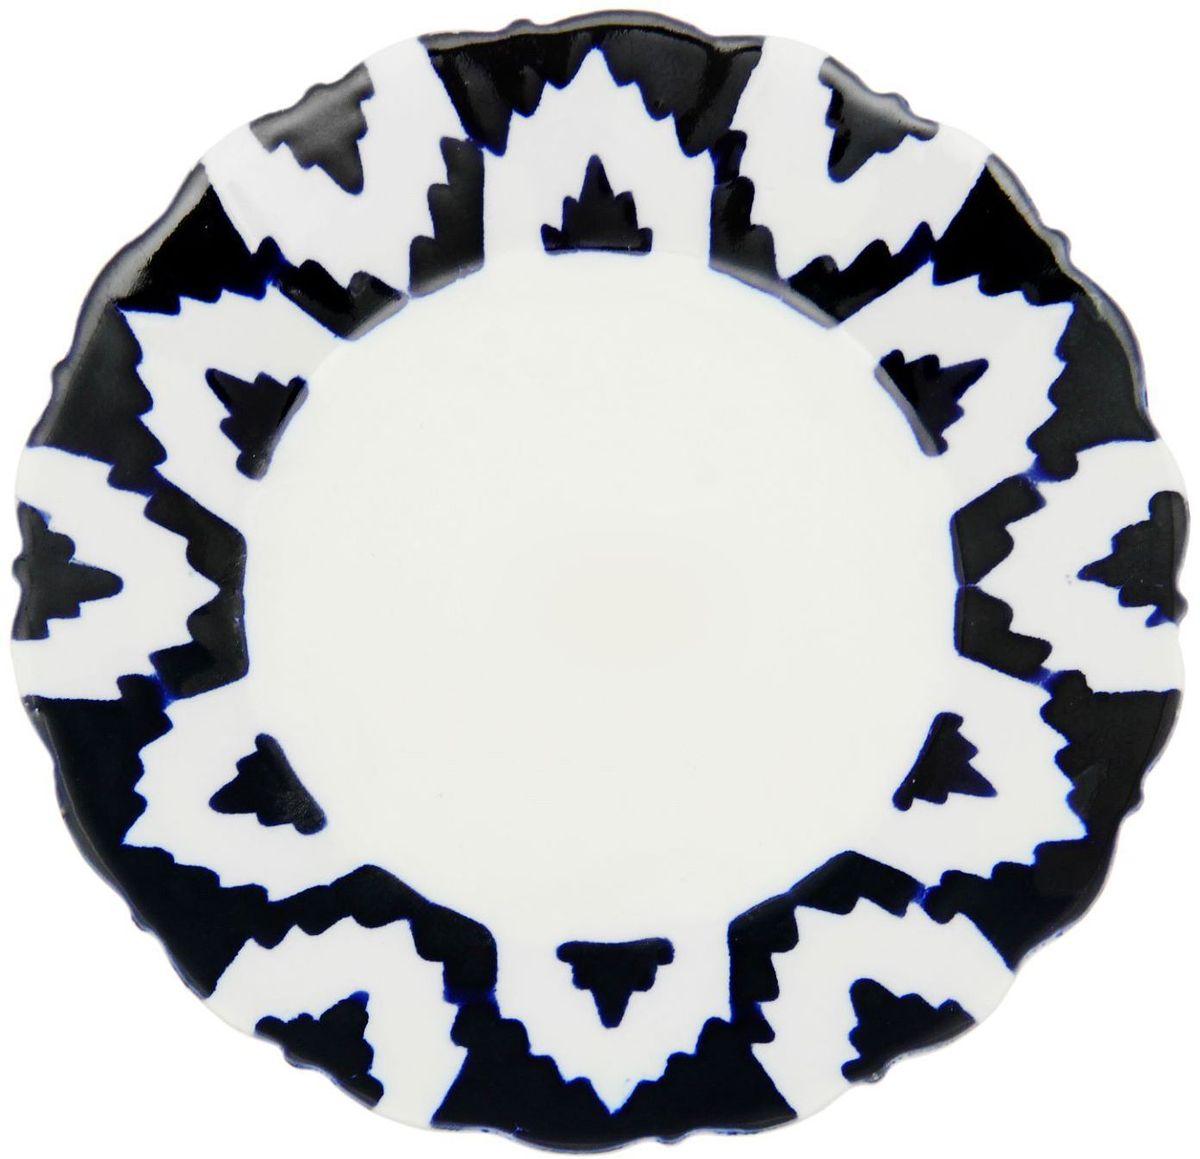 Тарелка Turon Porcelain Атлас, цвет: белый, синий, диаметр 17,5 см1625380Узбекская посуда известна всему миру уже более тысячи лет. Ей любовались царские особы, на ней подавали еду для шейхов и знатных персон. Формулы красок и глазури передаются из поколения в поколение. По сей день качественные расписные изделия продолжают восхищать совершенством и завораживающей красотой.Данный предмет подойдёт для повседневной и праздничной сервировки. Дополните стол текстилем и салфетками в тон, чтобы получить элегантное убранство с яркими акцентами.Национальная узбекская роспись «Атлас» имеет симметричный геометрический рисунок. Узоры, похожие на листья, выводятся тонкой кистью, фон заливается тёмно-синим кобальтом. Синий краситель при обжиге слегка растекается и придаёт контуру изображений голубой оттенок. Густая глазурь наносится толстым слоем, благодаря чему рисунок мерцает.